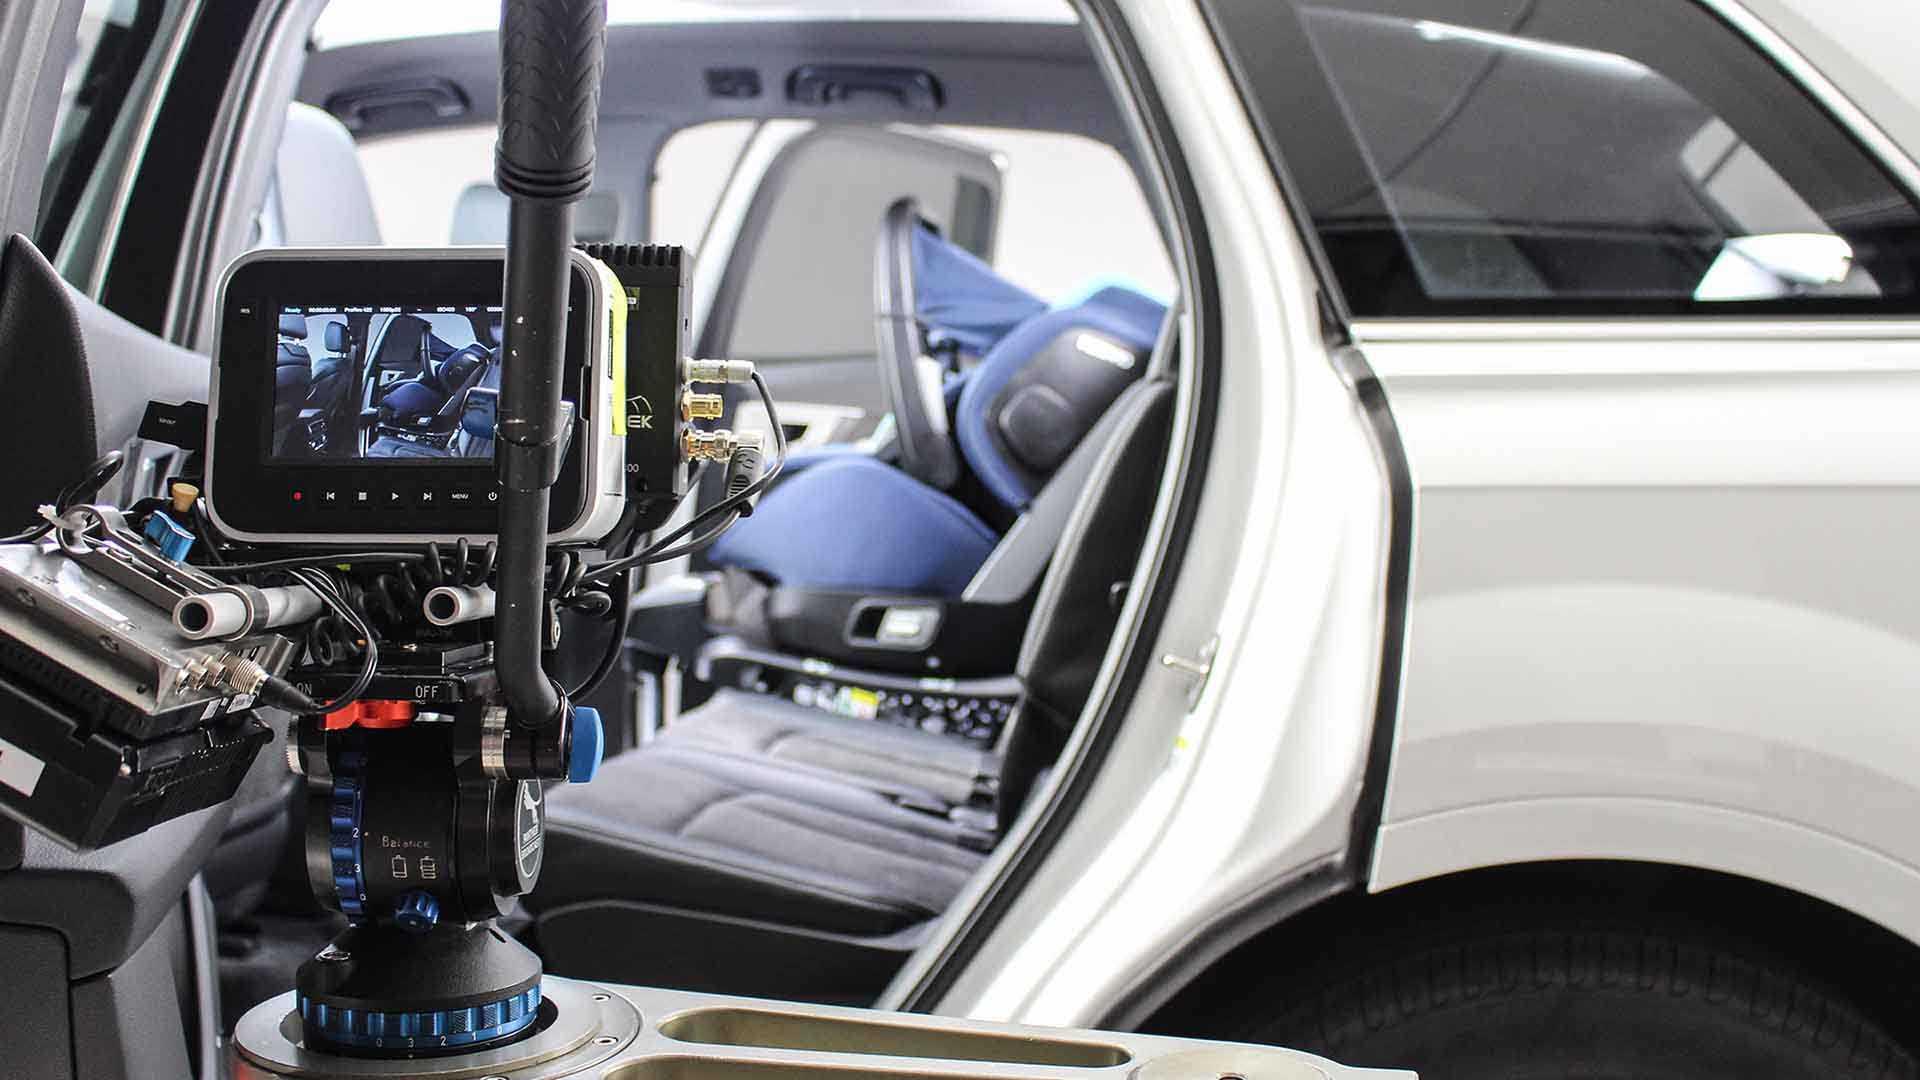 Das Bild zeigt einen Ausschnitt eines Autos. Man sieht den hinteren Teil. Das Auto ist weiß. Auf diesen ist eine Kamera gerichtet. Sie filmt durch eine offene Türe einen Kindersitz. Dieser ist blau. Man sieht ihn auch auf dem Kameramonitor der an der Kamera angebracht ist. Das Bild dient als Sliderbild für den Portfolioeintrag RECARO Child Safety – Einbaufilme von Panda Pictures.